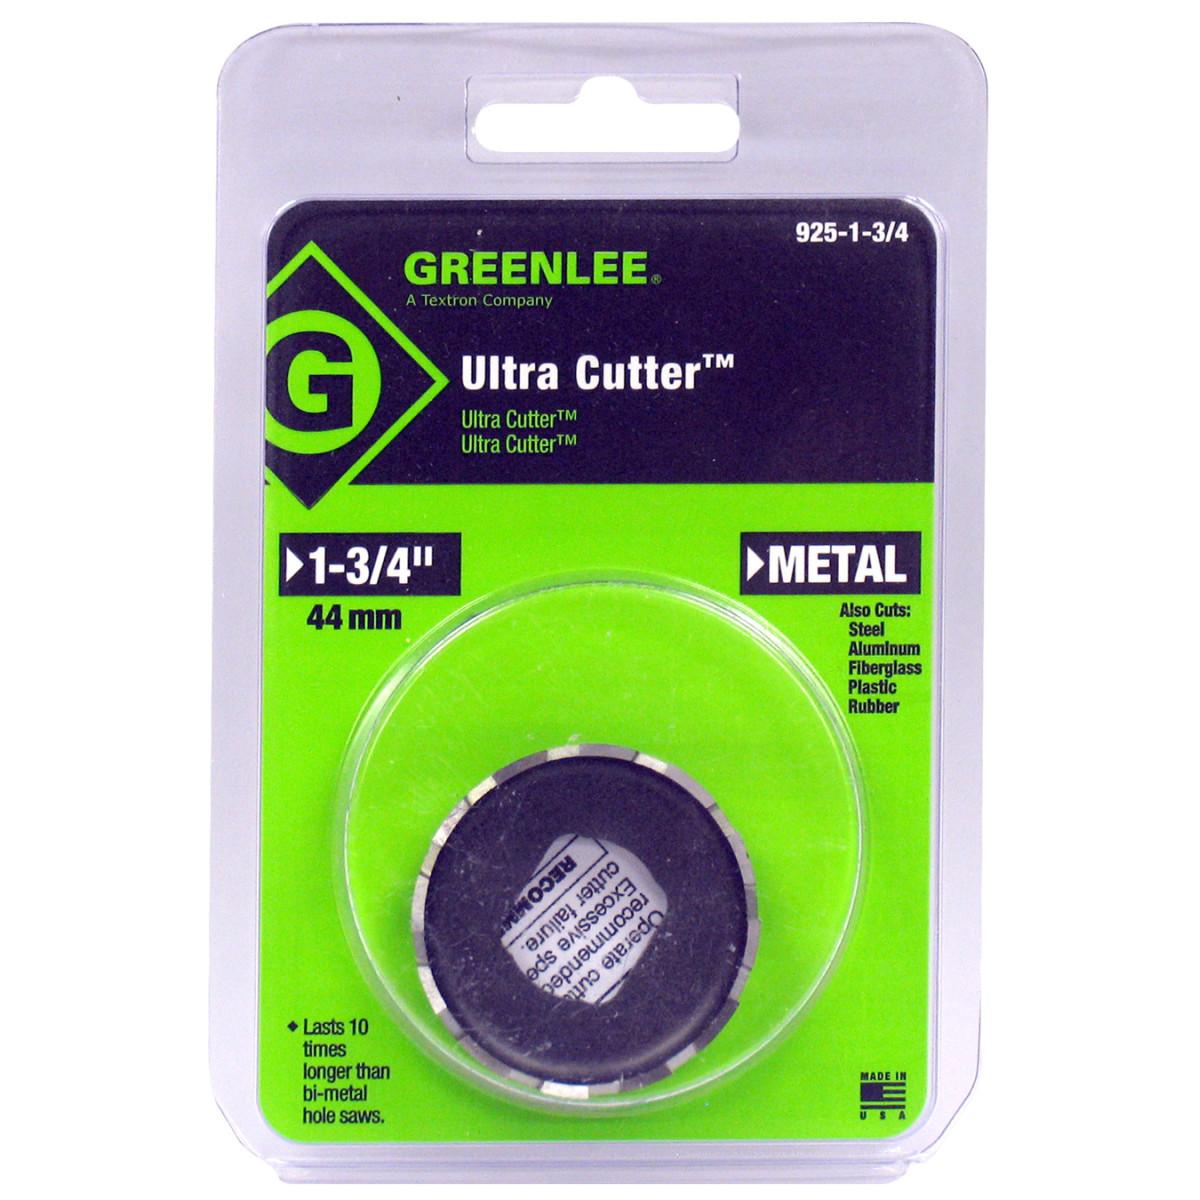 Greenlee®925-1-3/4